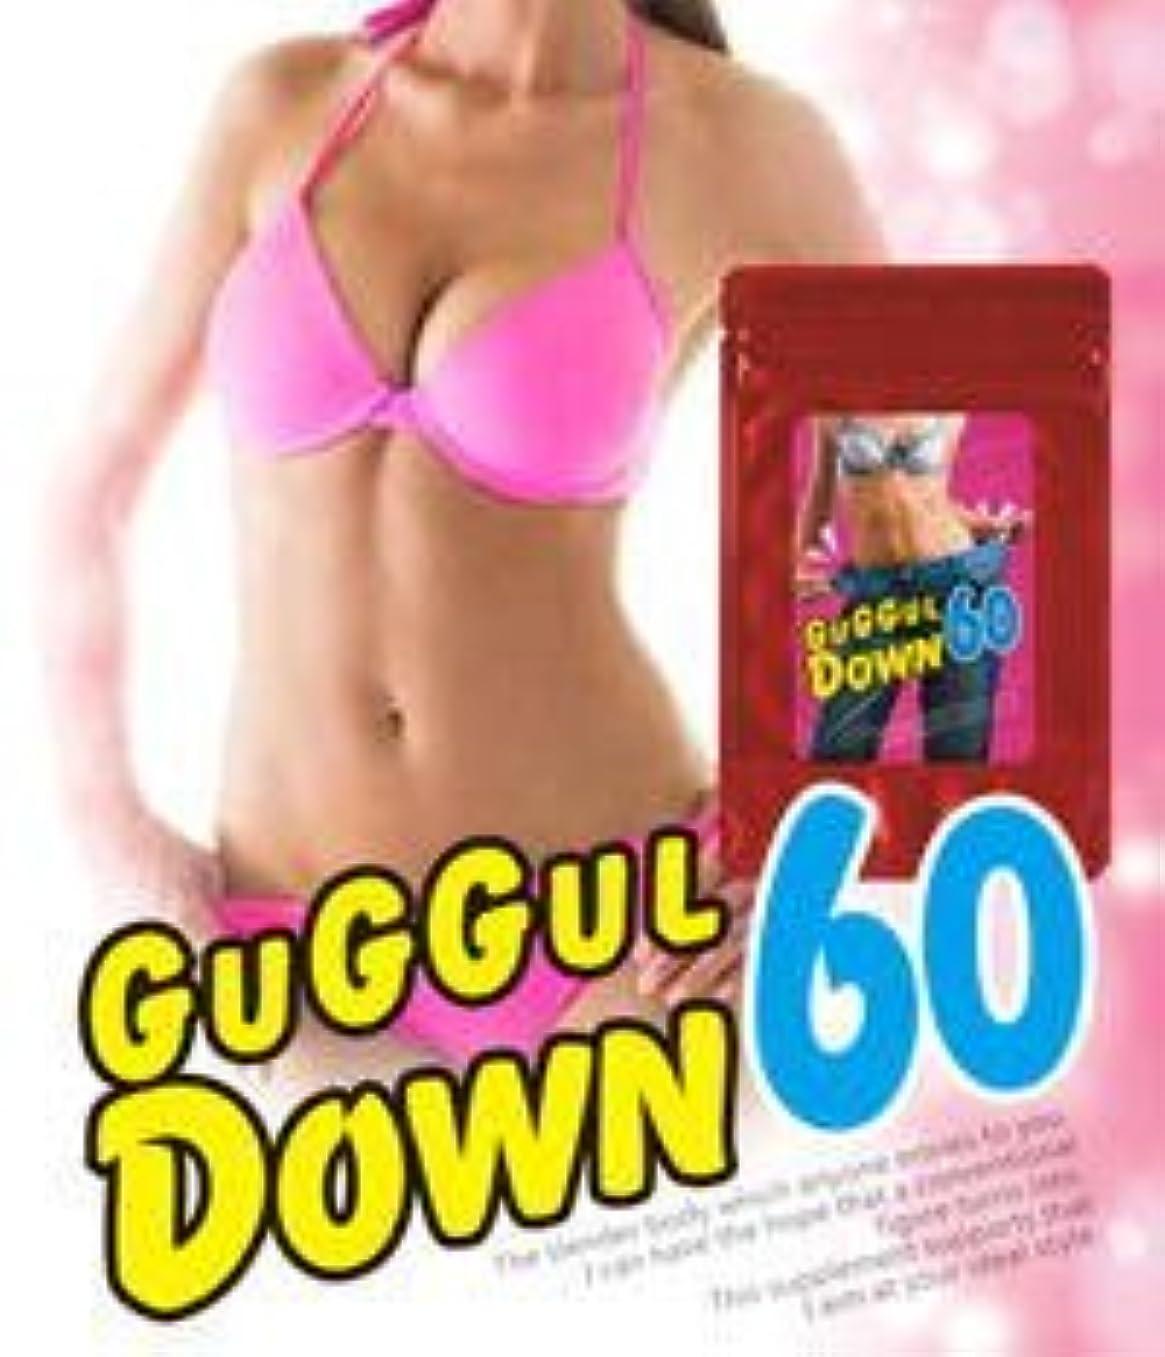 葬儀大量プログレッシブ★GUGGULDOWN60(ググルダウン60)  痩せたくて仕方がないと集まったモニター全員が1ヵ月絶たずつぎつぎと飲用を中断!